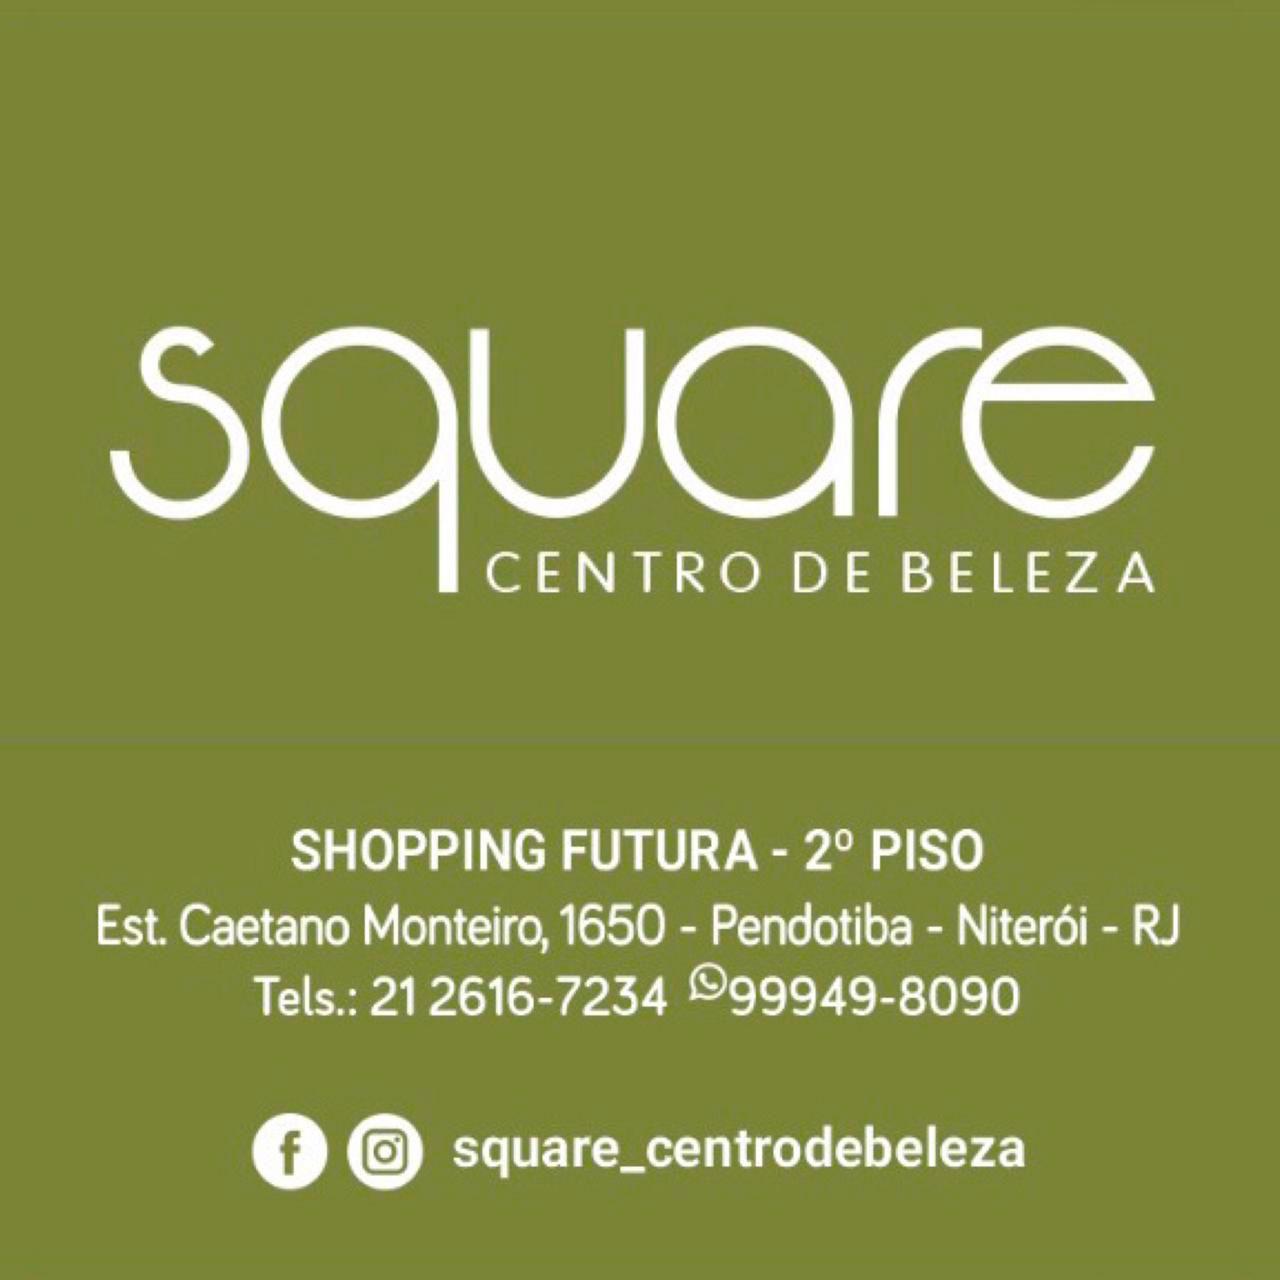 Square Centro de Beleza